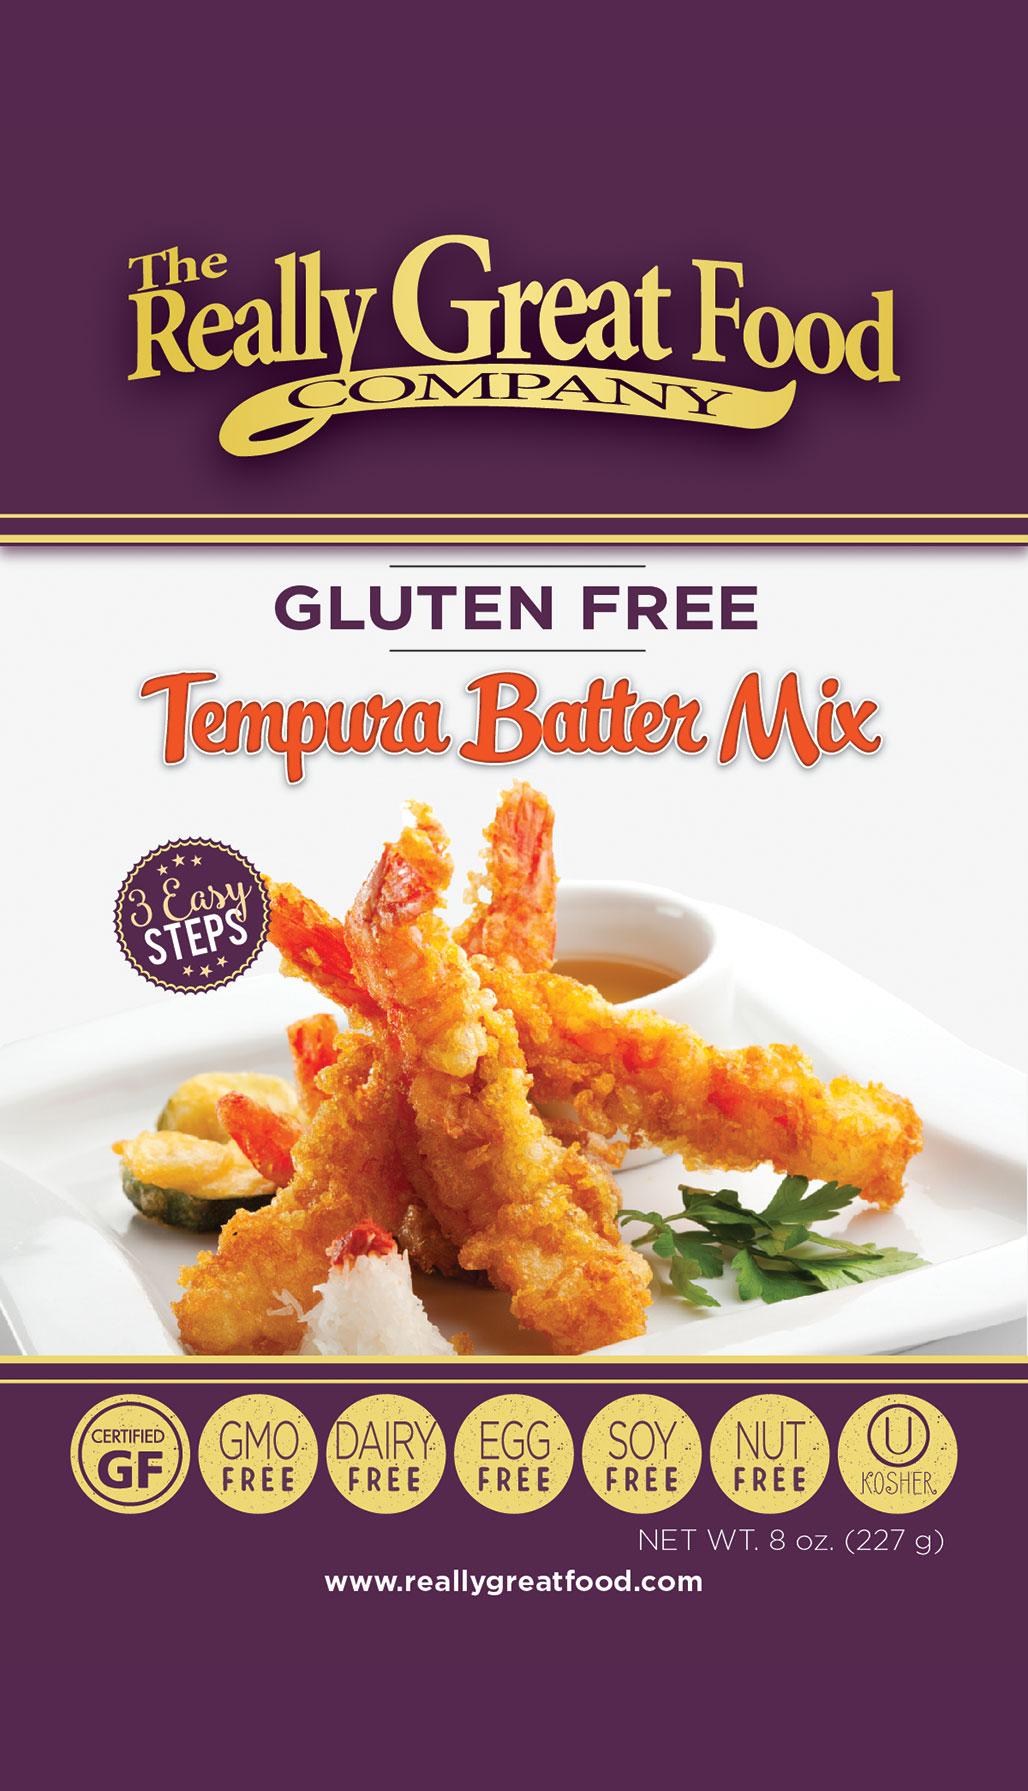 Gluten Free Tempura Batter Mix